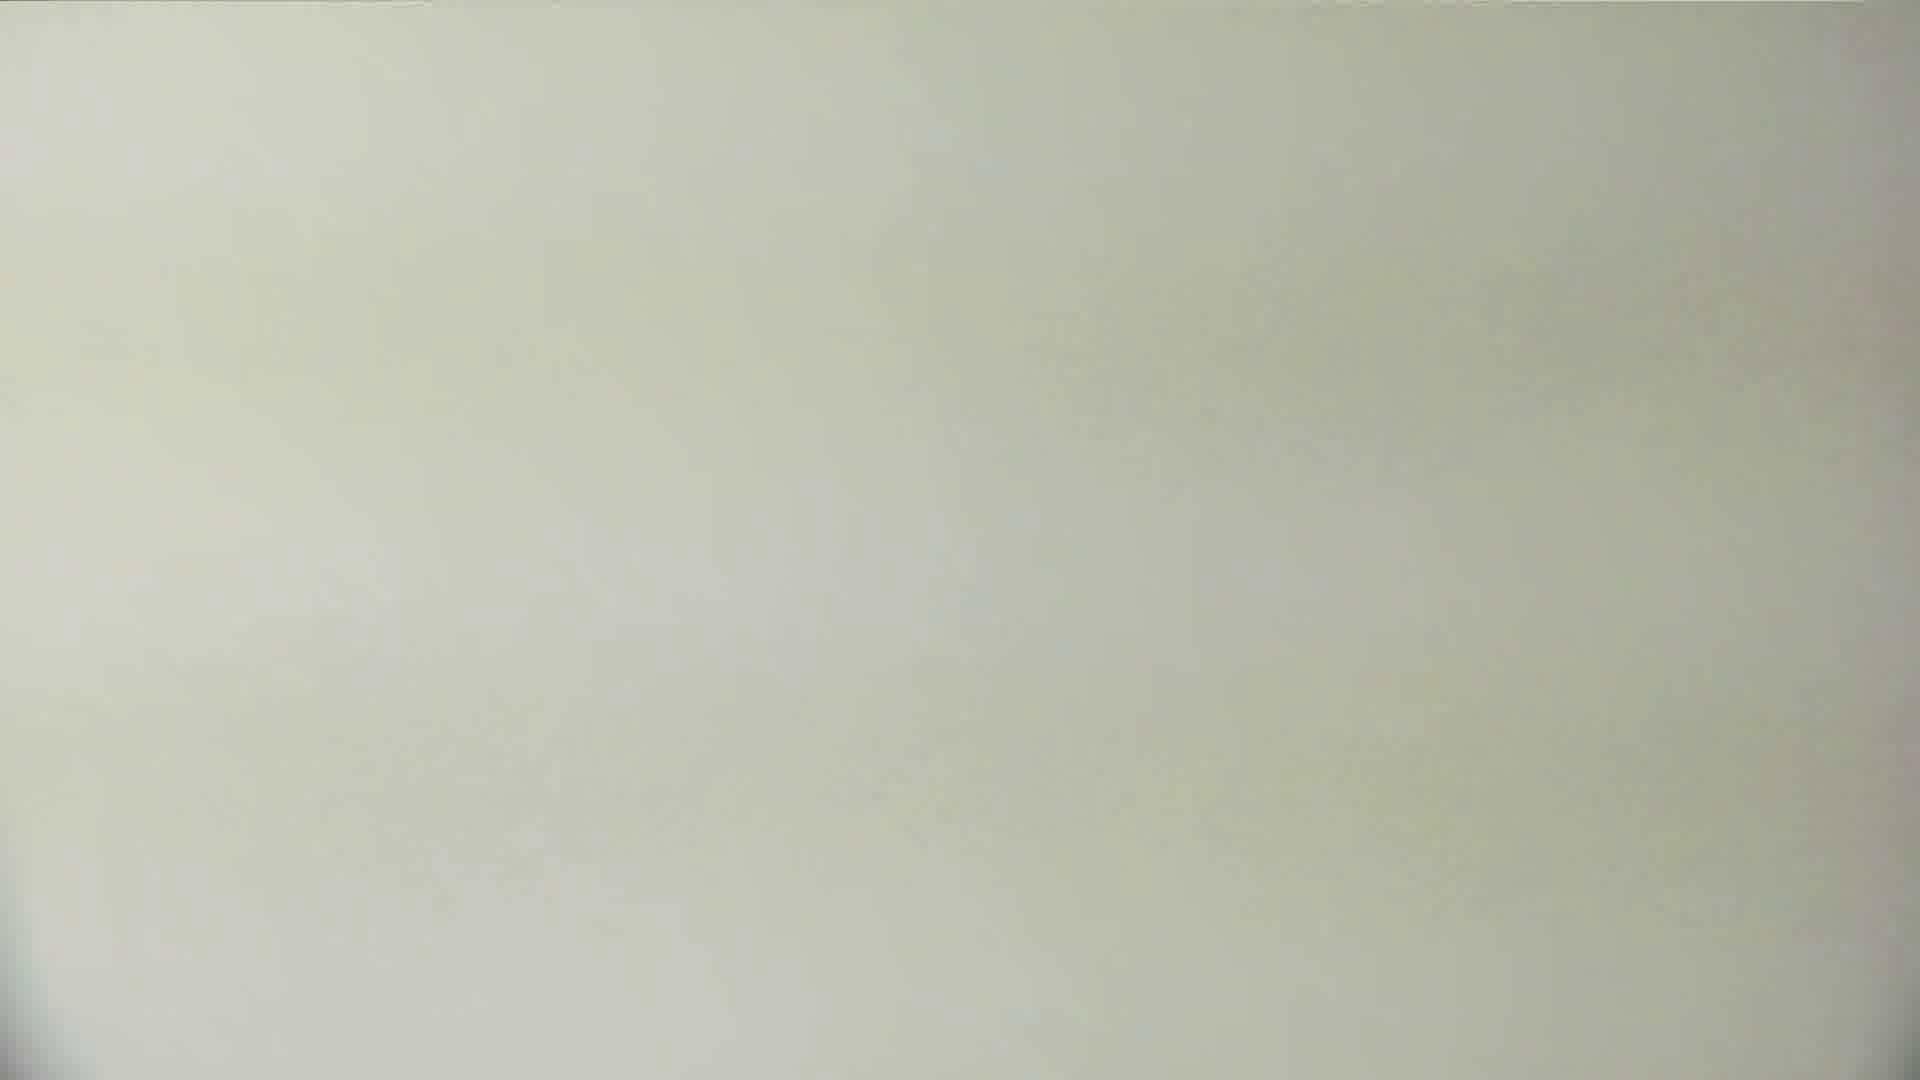 【美しき個室な世界】 vol.023 めんこい人たち 高評価  59PIX 35